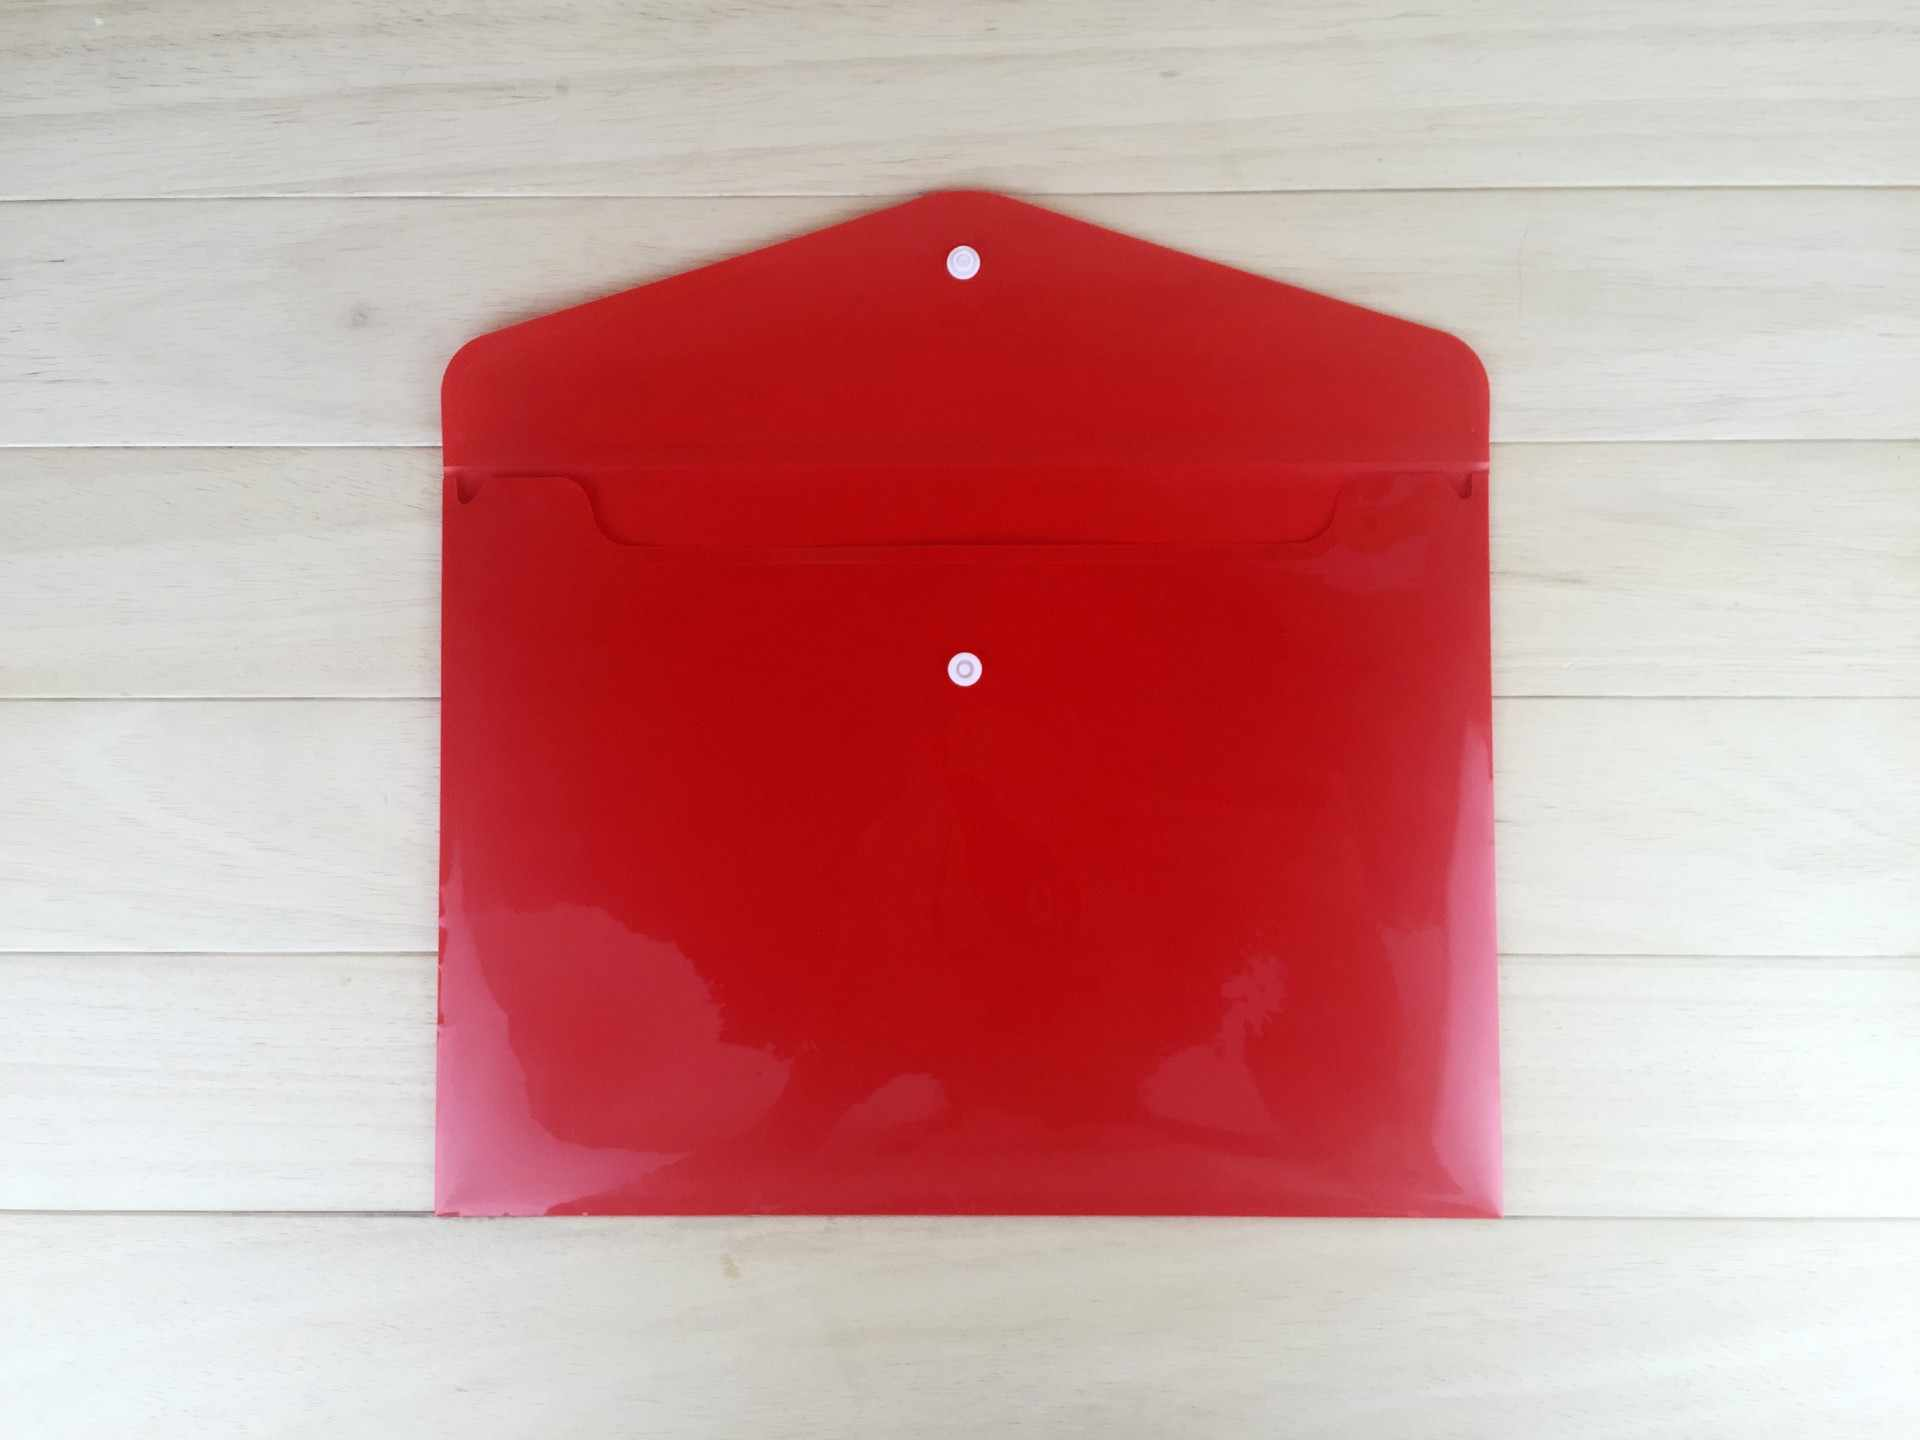 Colore A4 Titolare di File di Plastica Sacchetto Della Moneta di Spessore Della Vite Prigioniera Titolare di File Sacchetto di File Trasparente Sacchetto di Carta All'ingrosso